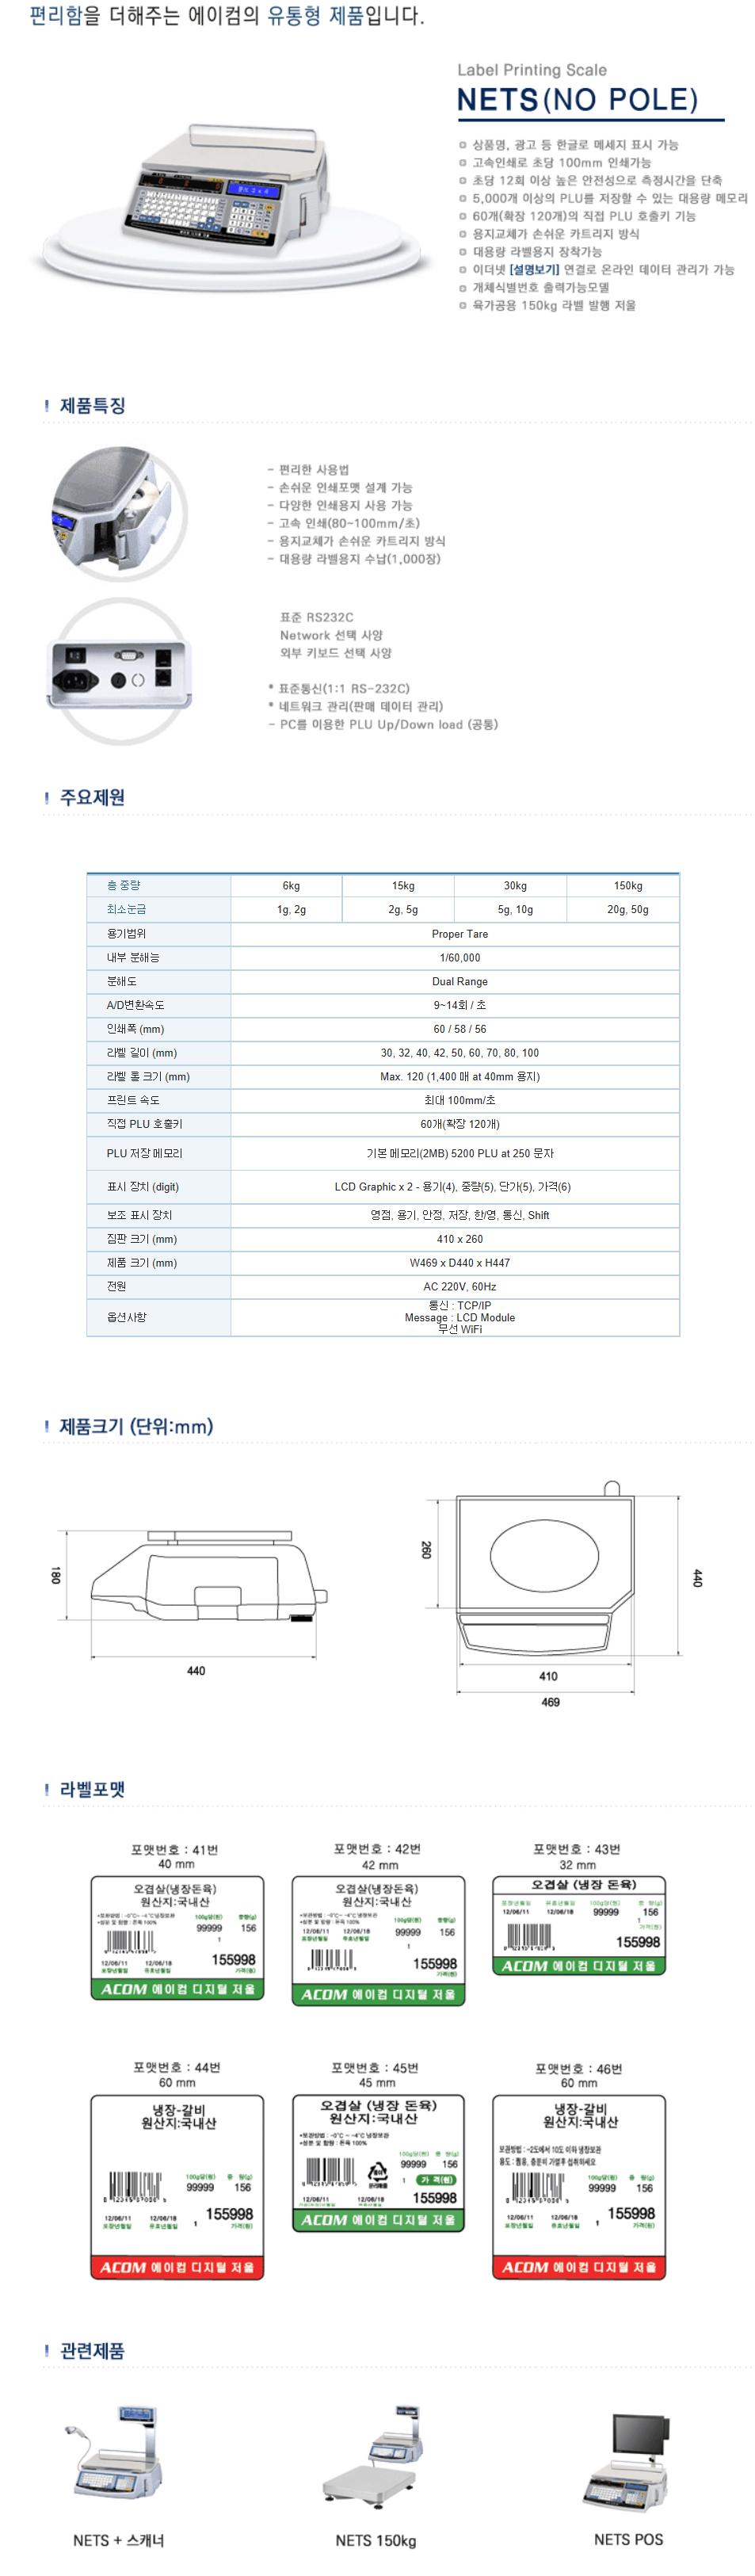 (주)에이컴 Label Printing Scale NETS (NO POLE) 1